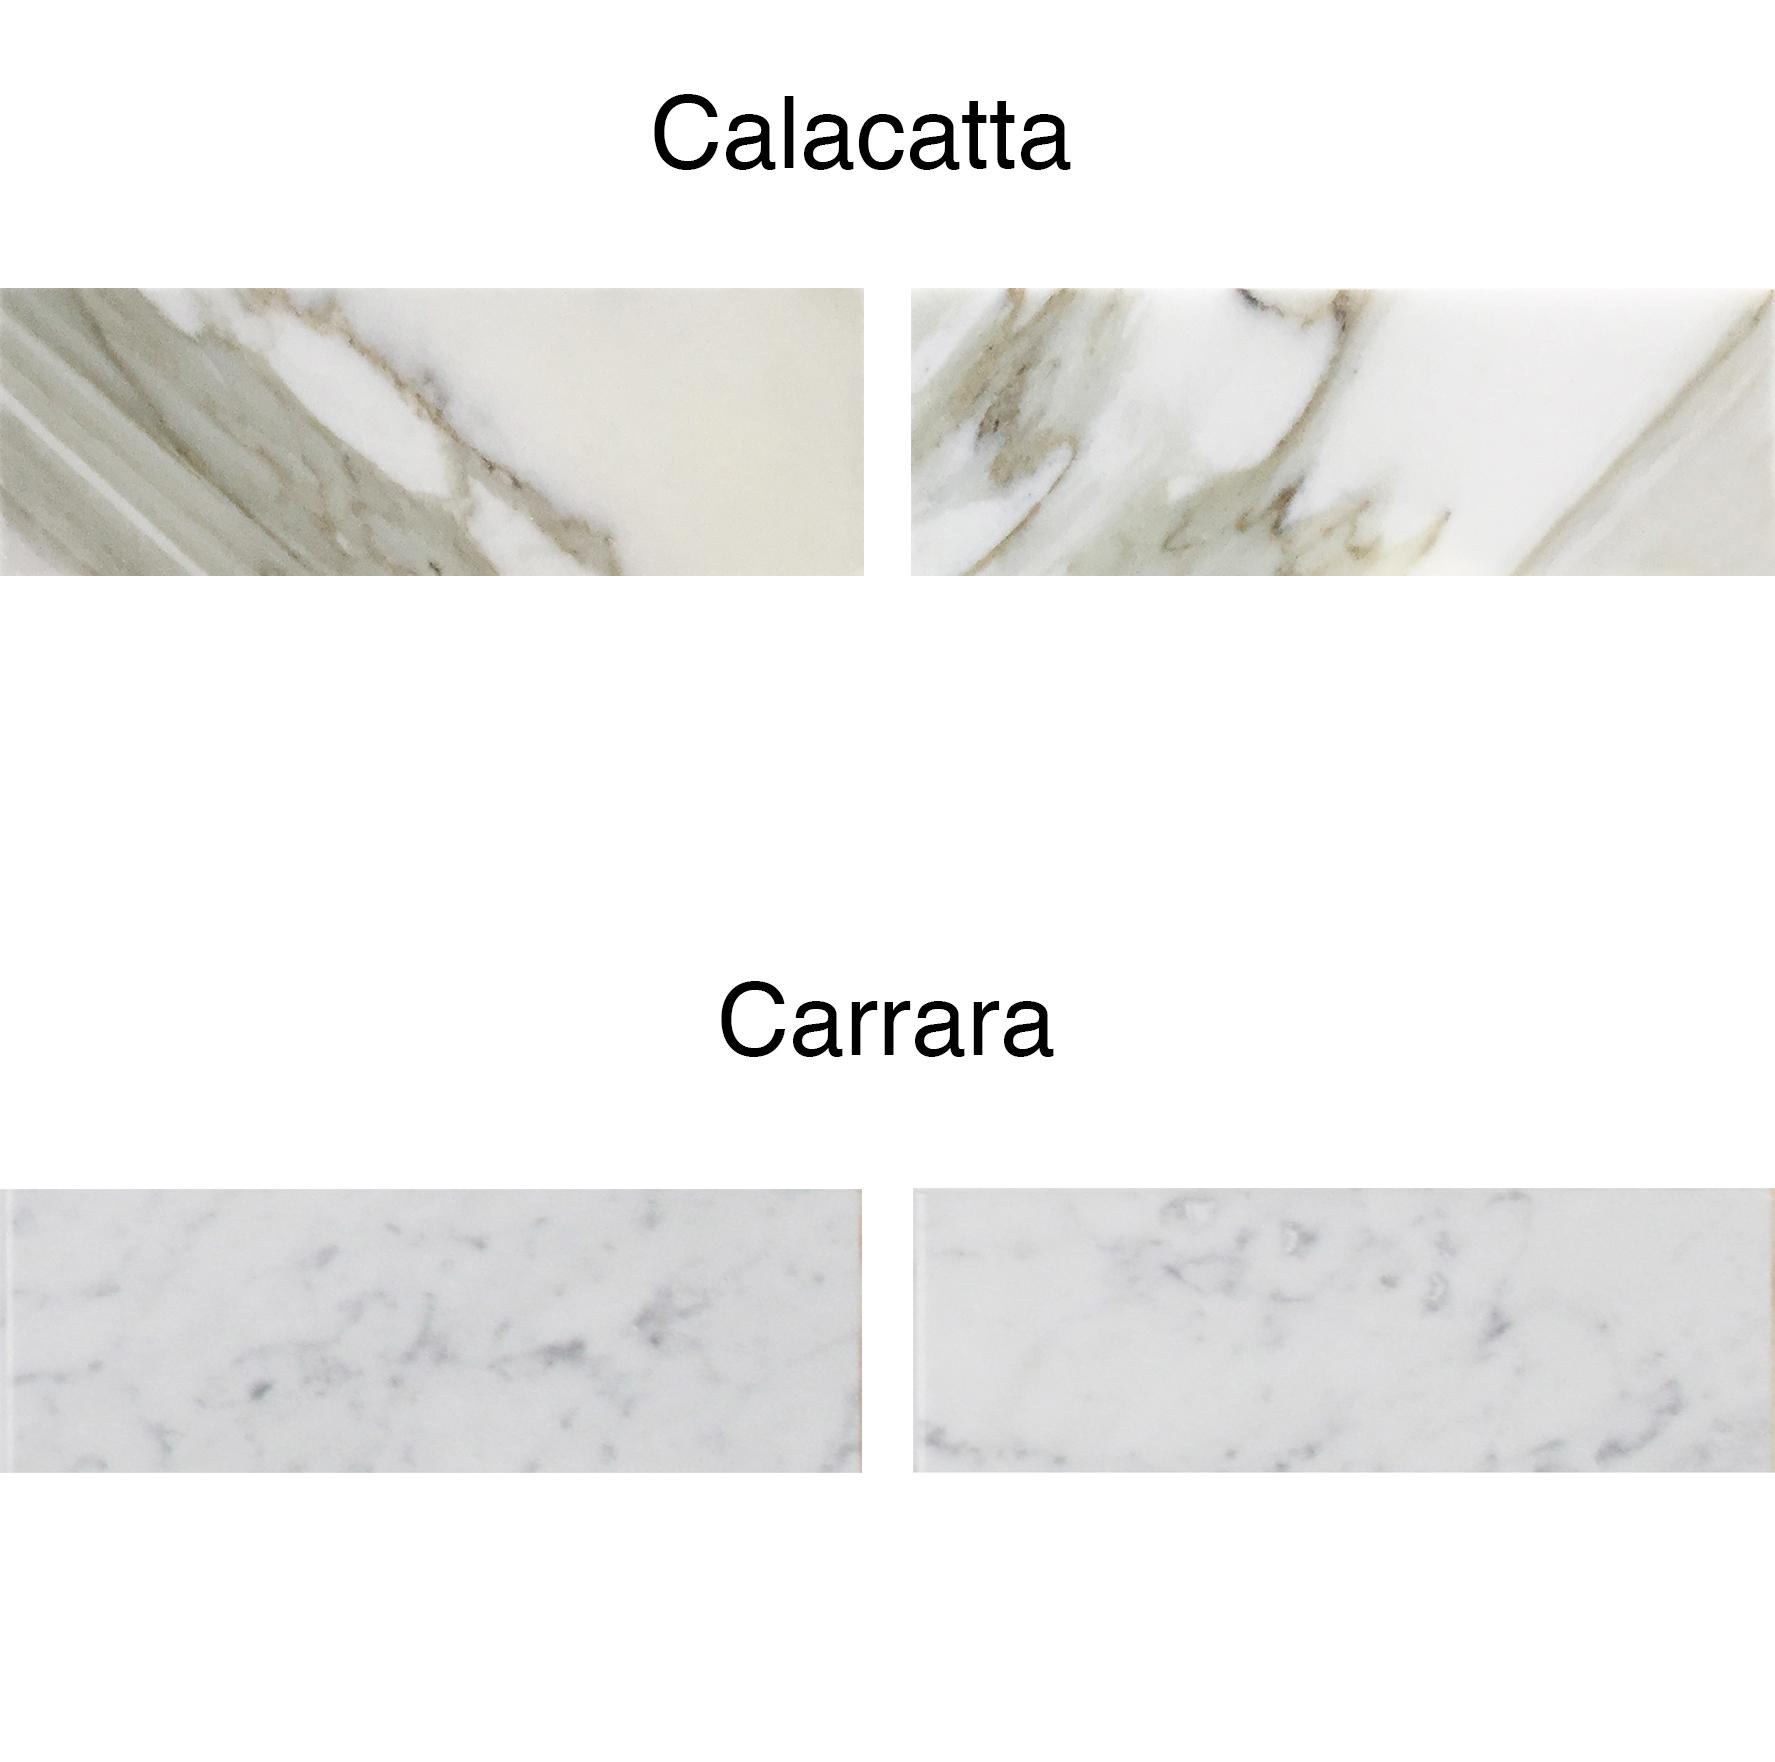 Carrara Vs Calacatta Marble What Is